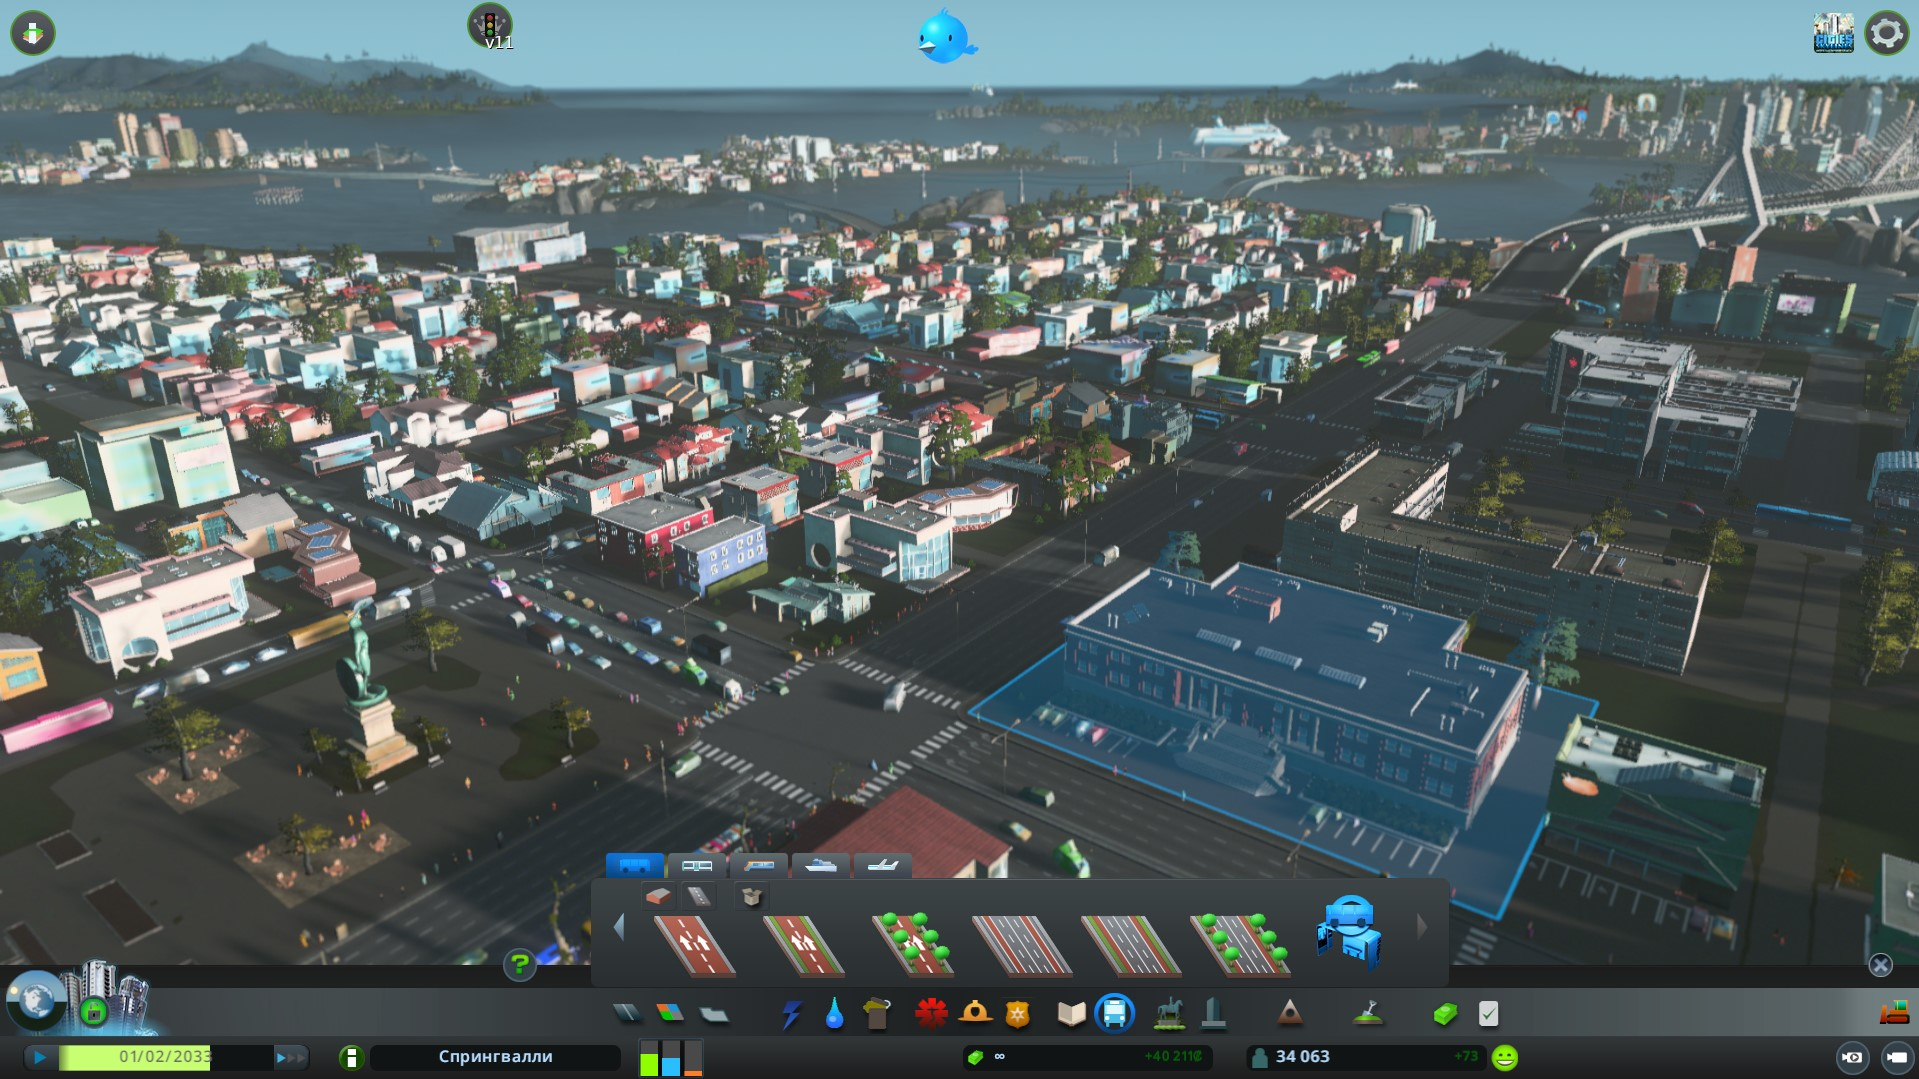 Днем город живет своей жизнью cities skyline